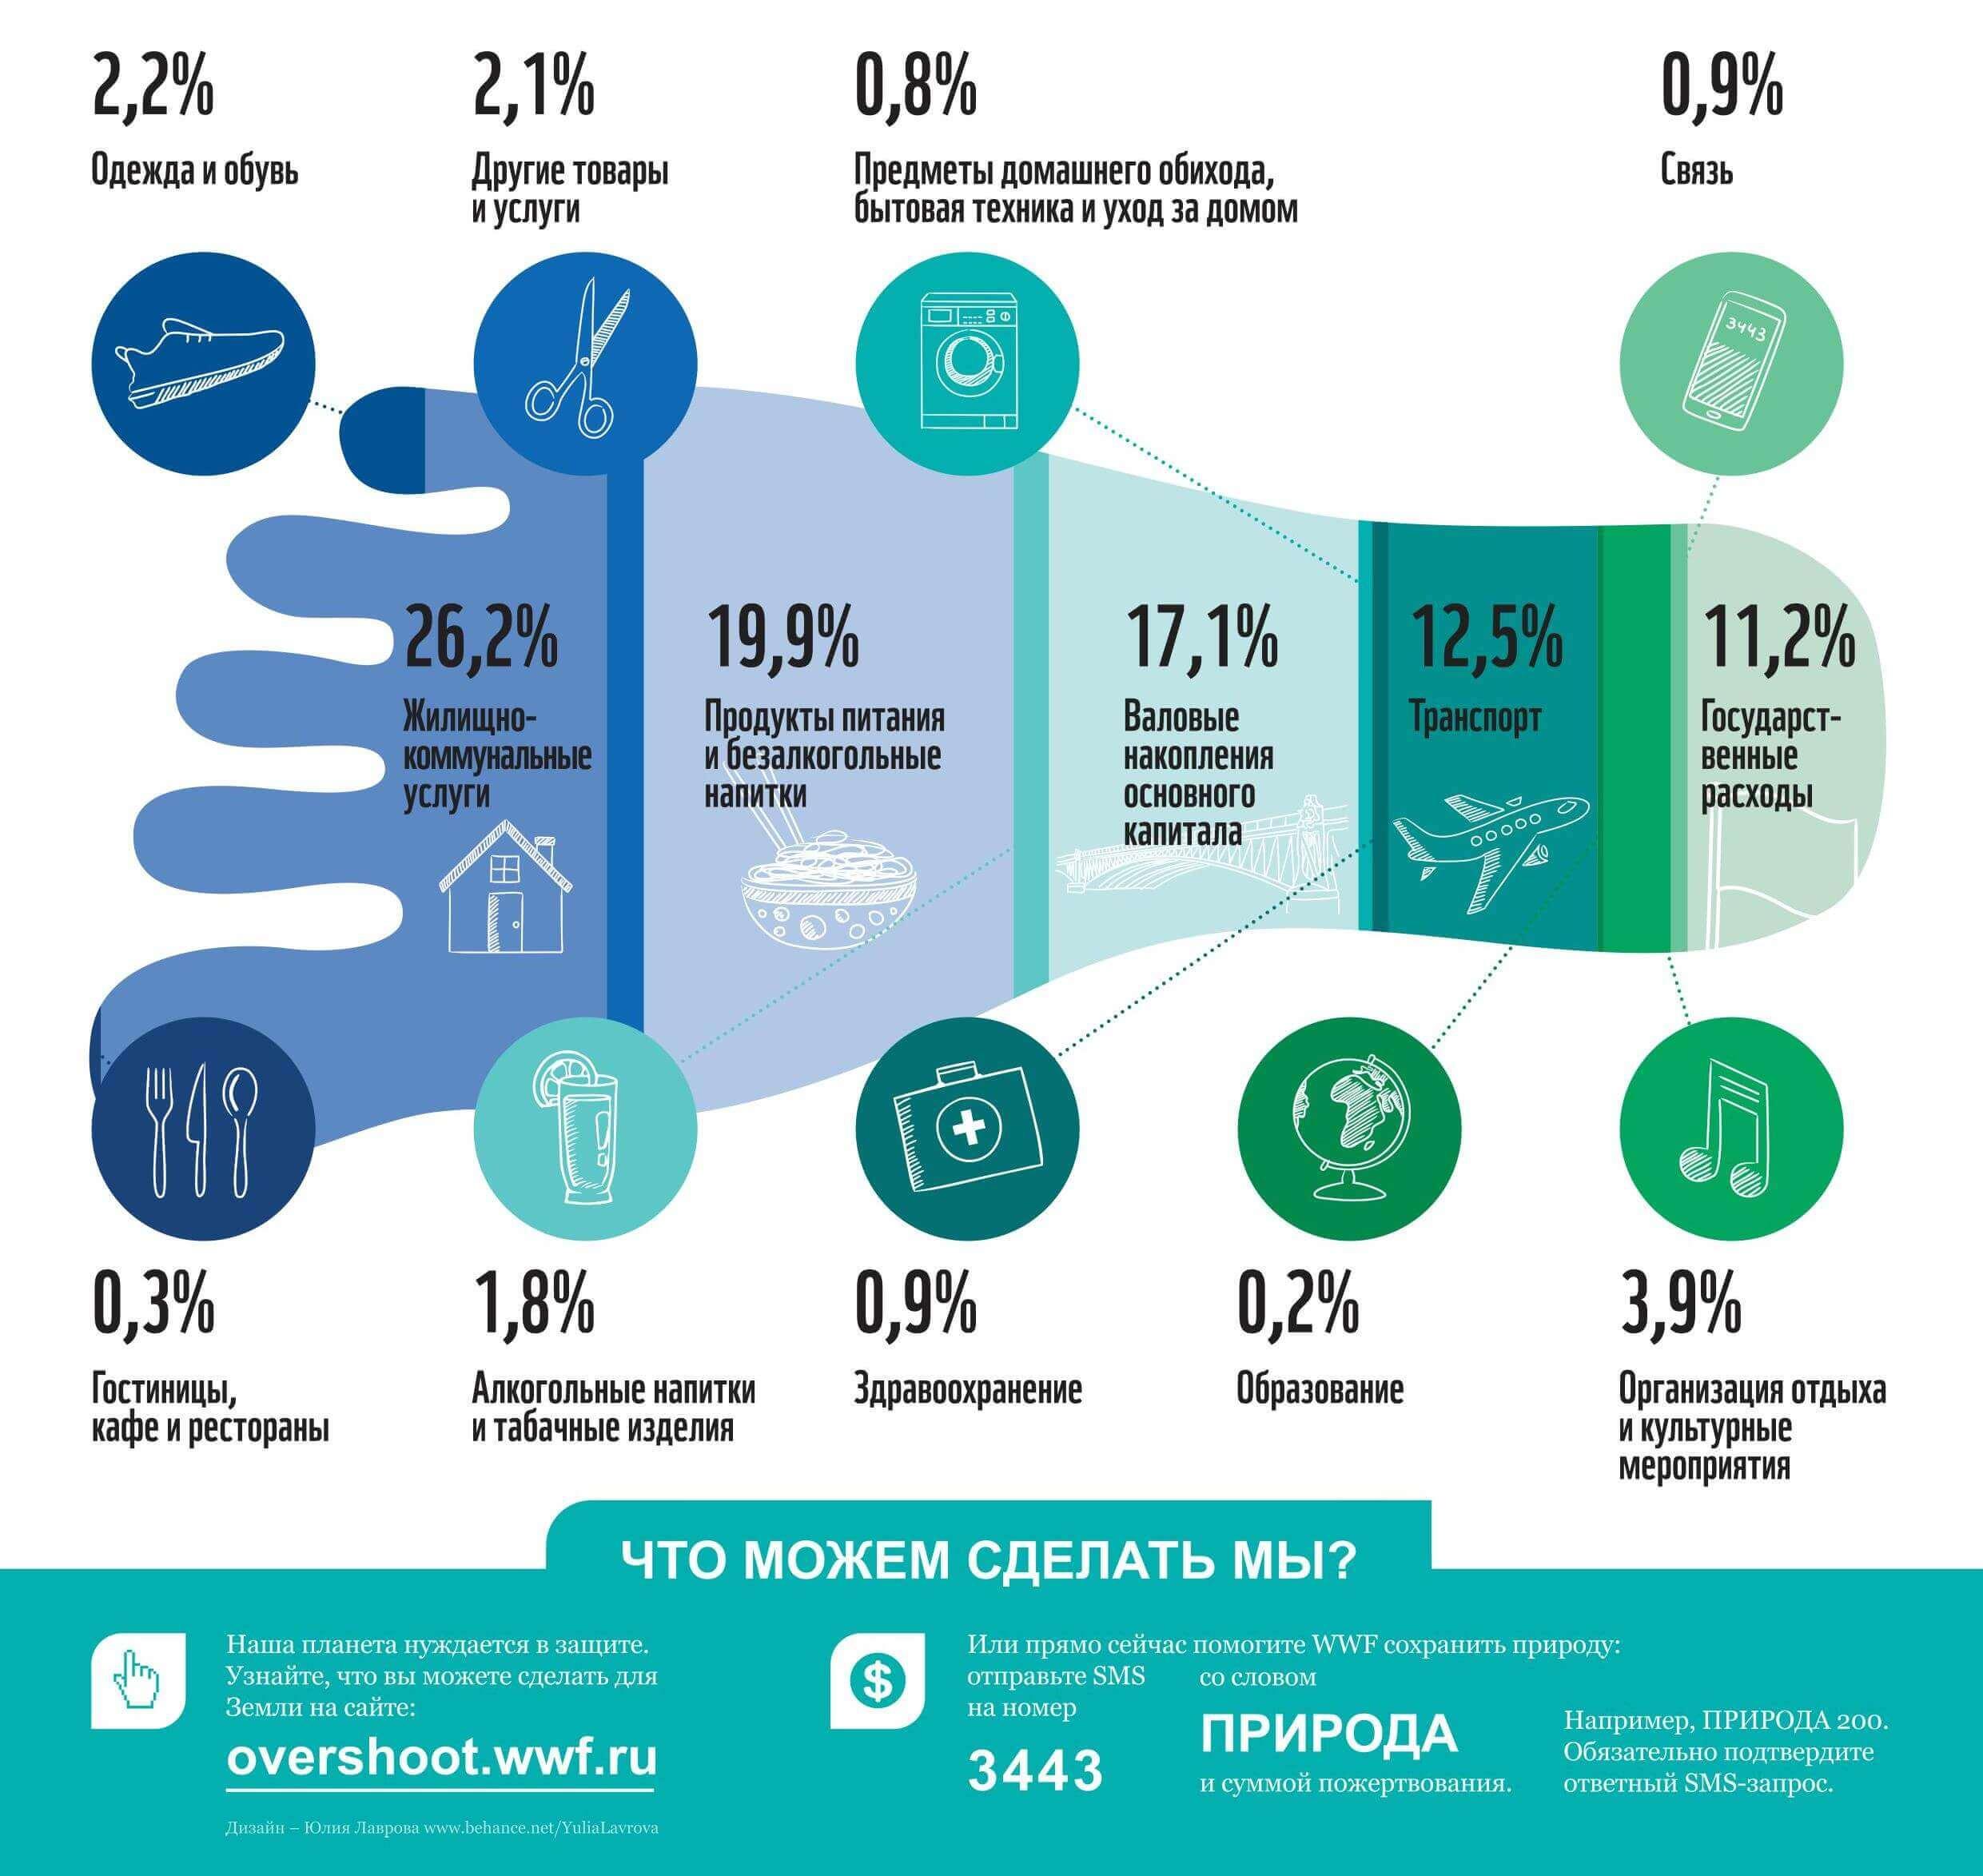 инфографика (1)